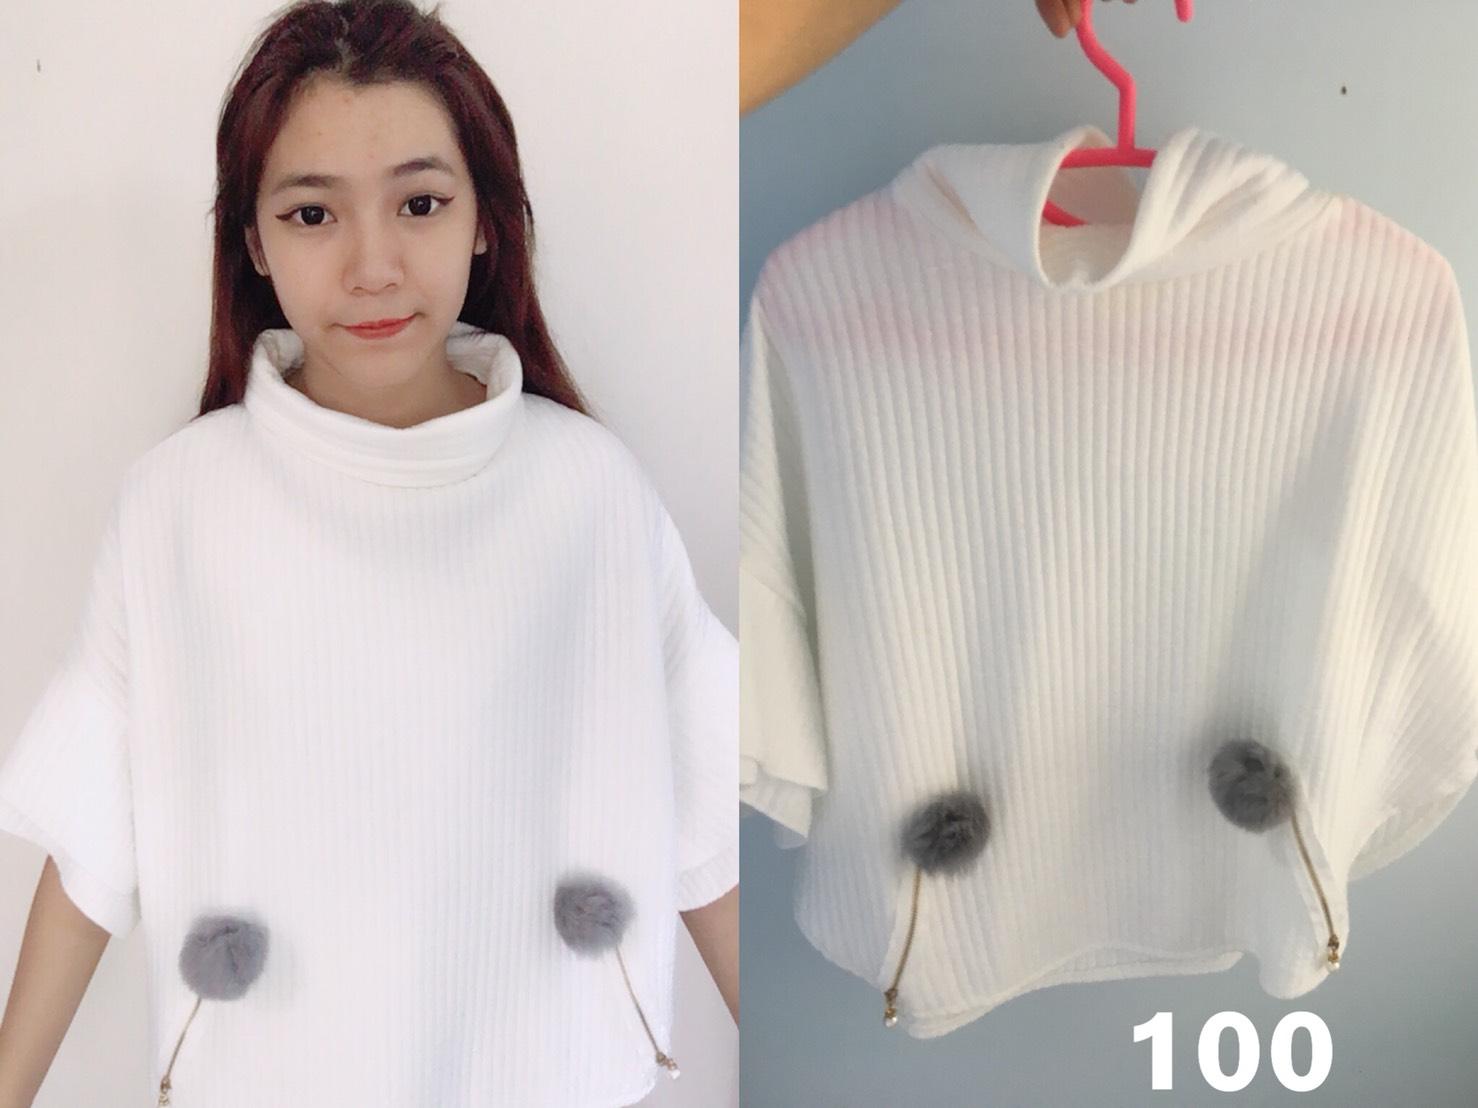 เสื้อสีขาว ใส่ครั้งเดียว ถ่ายตอนหน้าหนาว